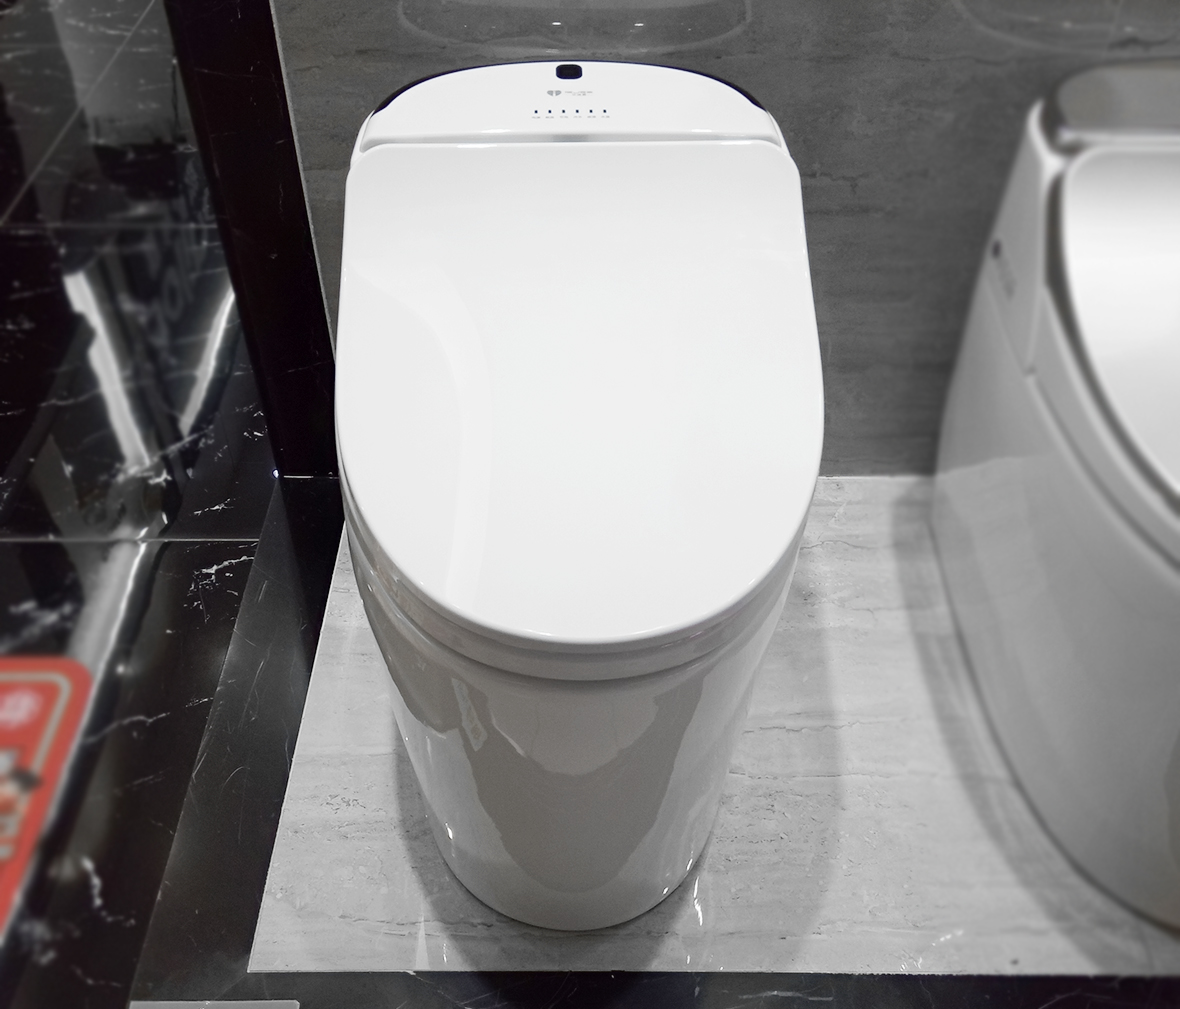 马桶 优质陶瓷 喷射虹吸式冲水  眼缘:0  金牌卫浴 rf2156型号 连体座